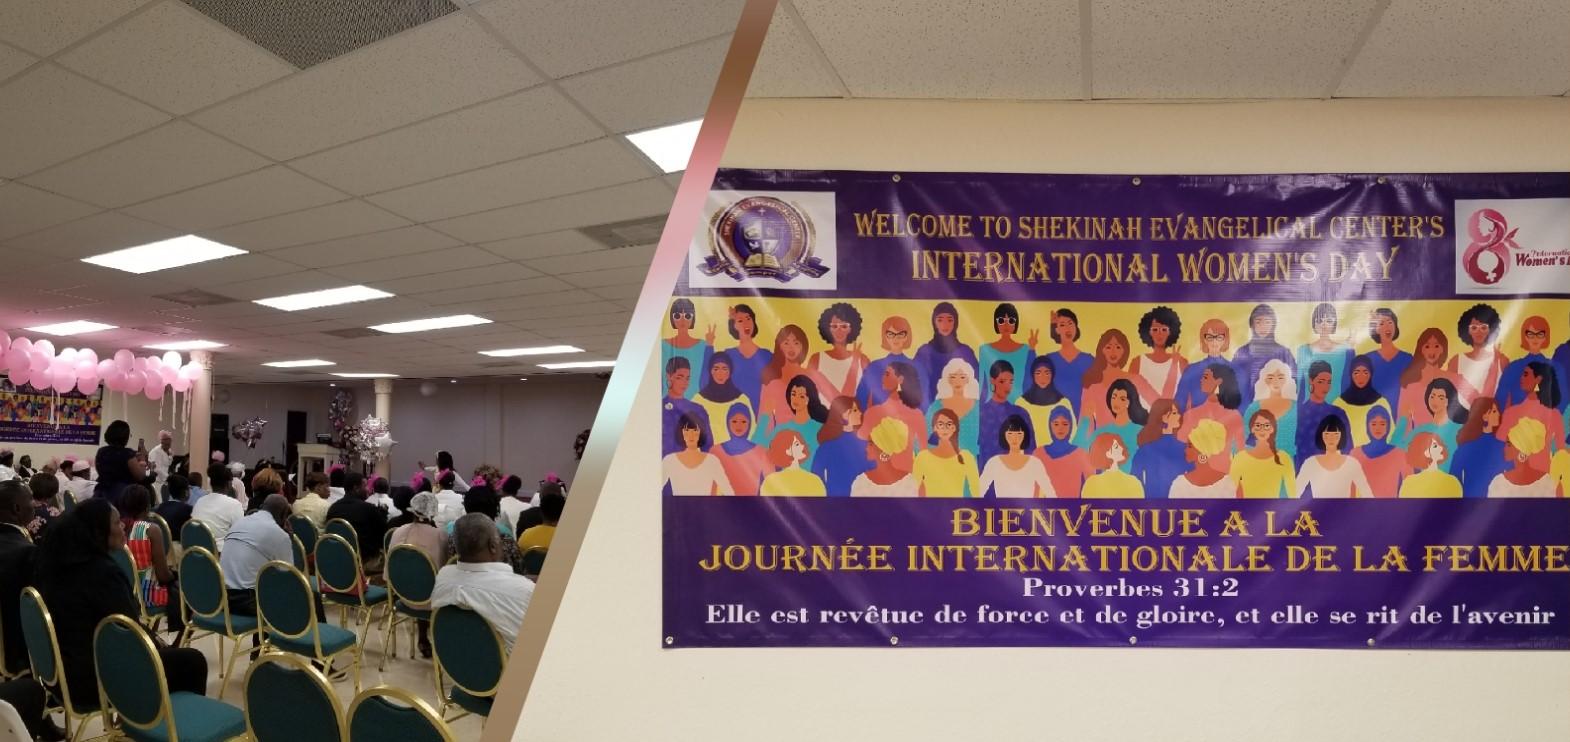 A gauche, une vue de l'assistance de l'Eglise Shekina à Miami. A droite, le banderole contenant le thème de l'activité. Collage: Loop Haïti